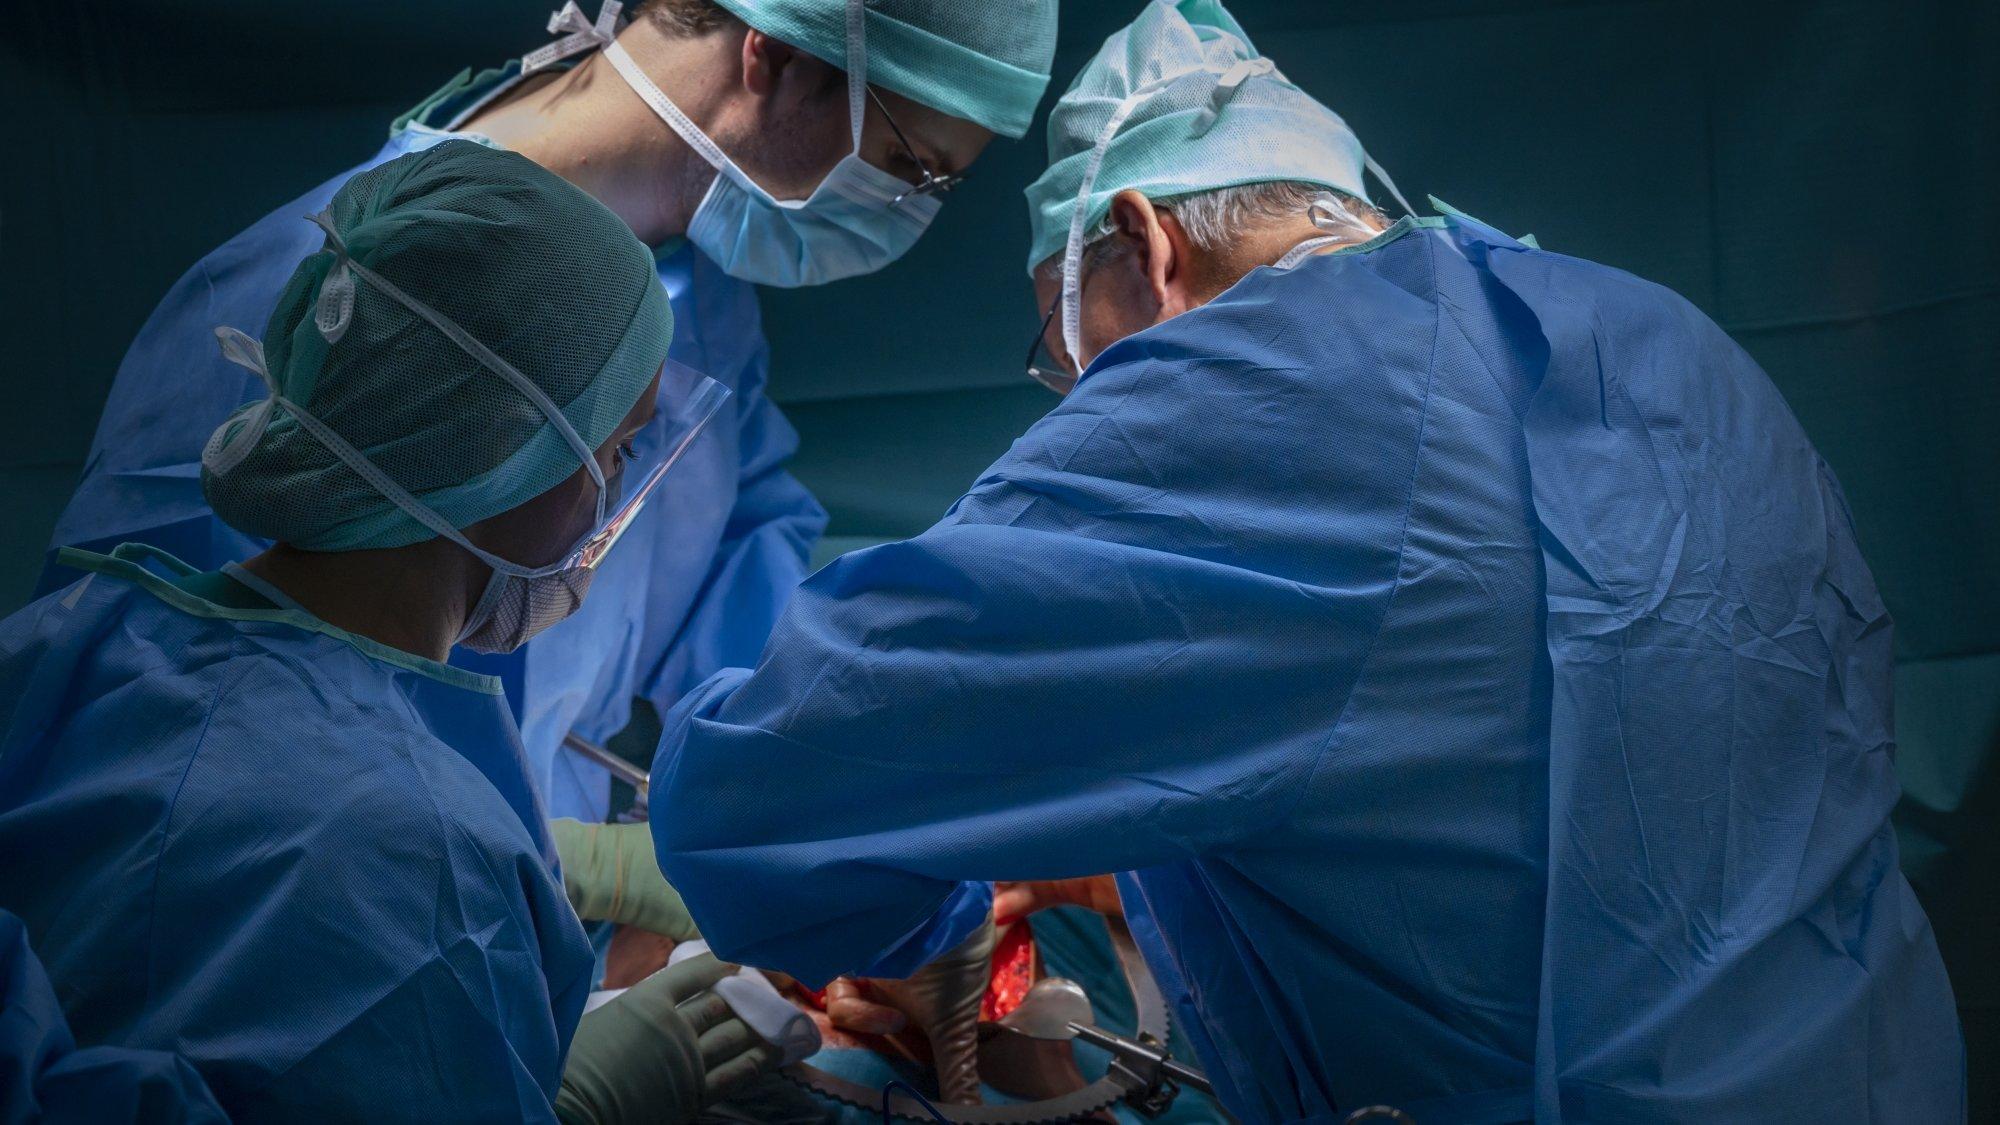 Avec le consentement présumé, les Chambres fédérales espèrent augmenter le nombre de dons d'organes.